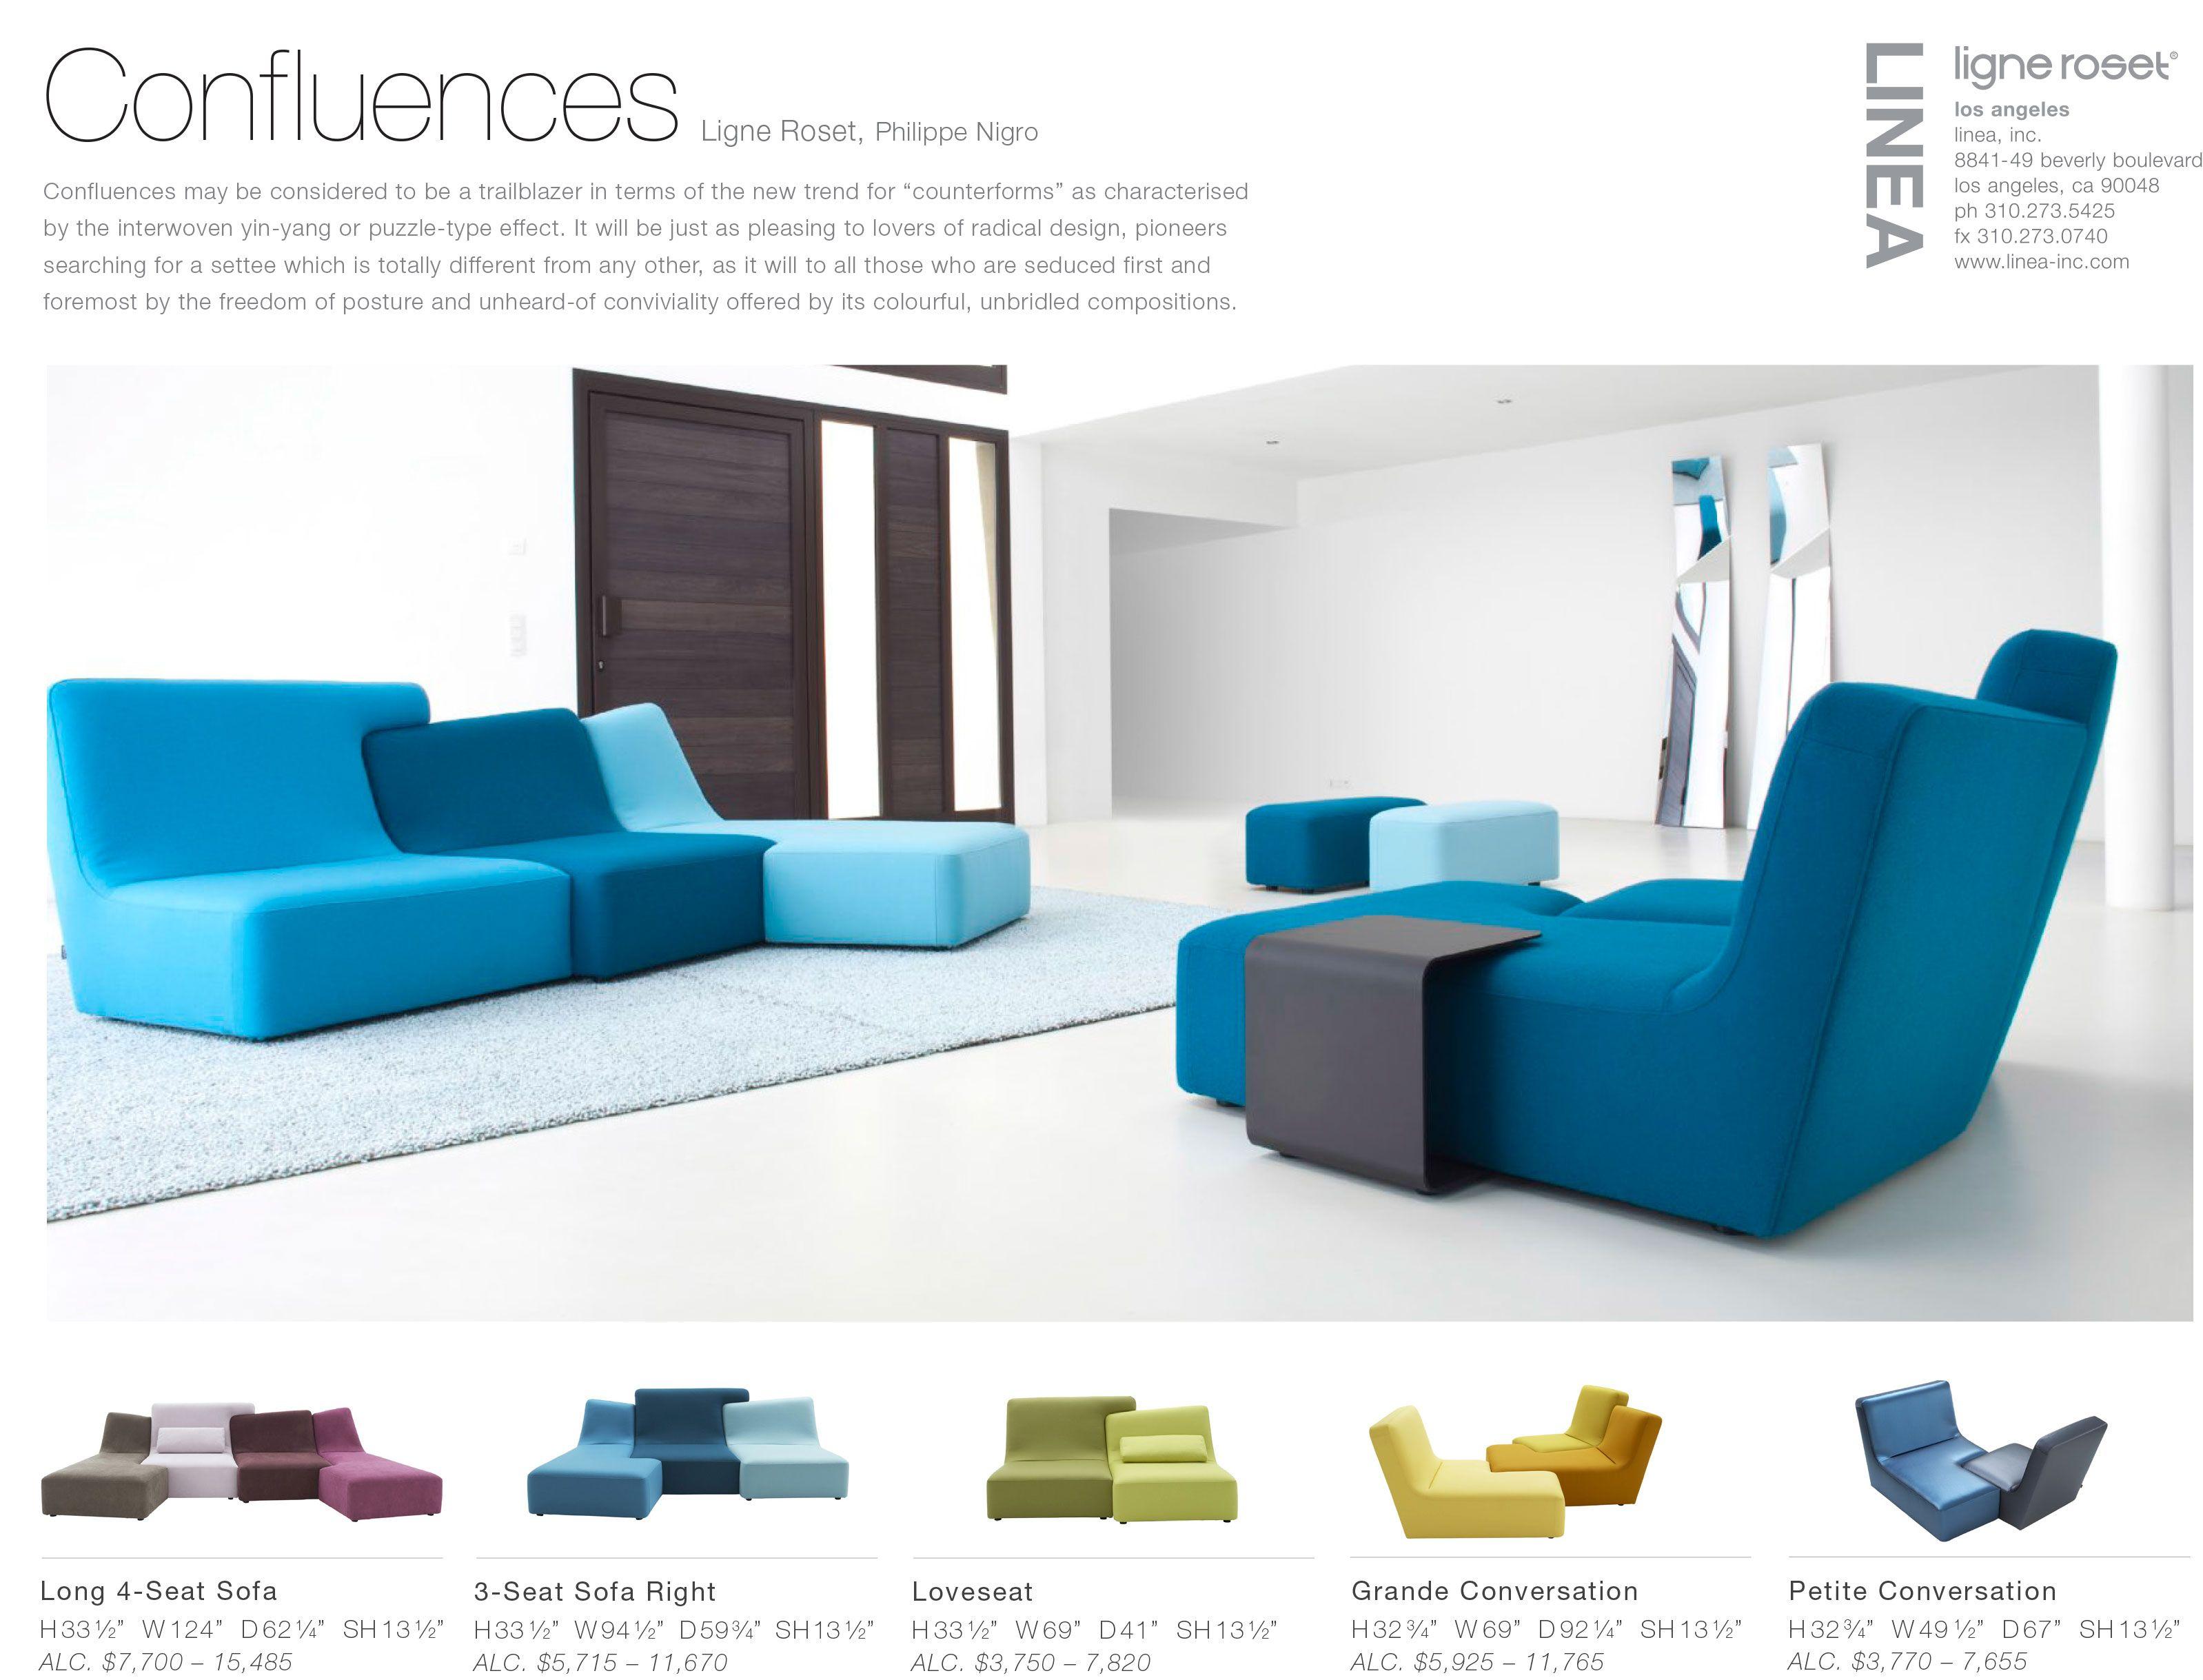 Ligne Roset Sofa Second Hand Smith Brothers Prices Confluences Sofas Designer